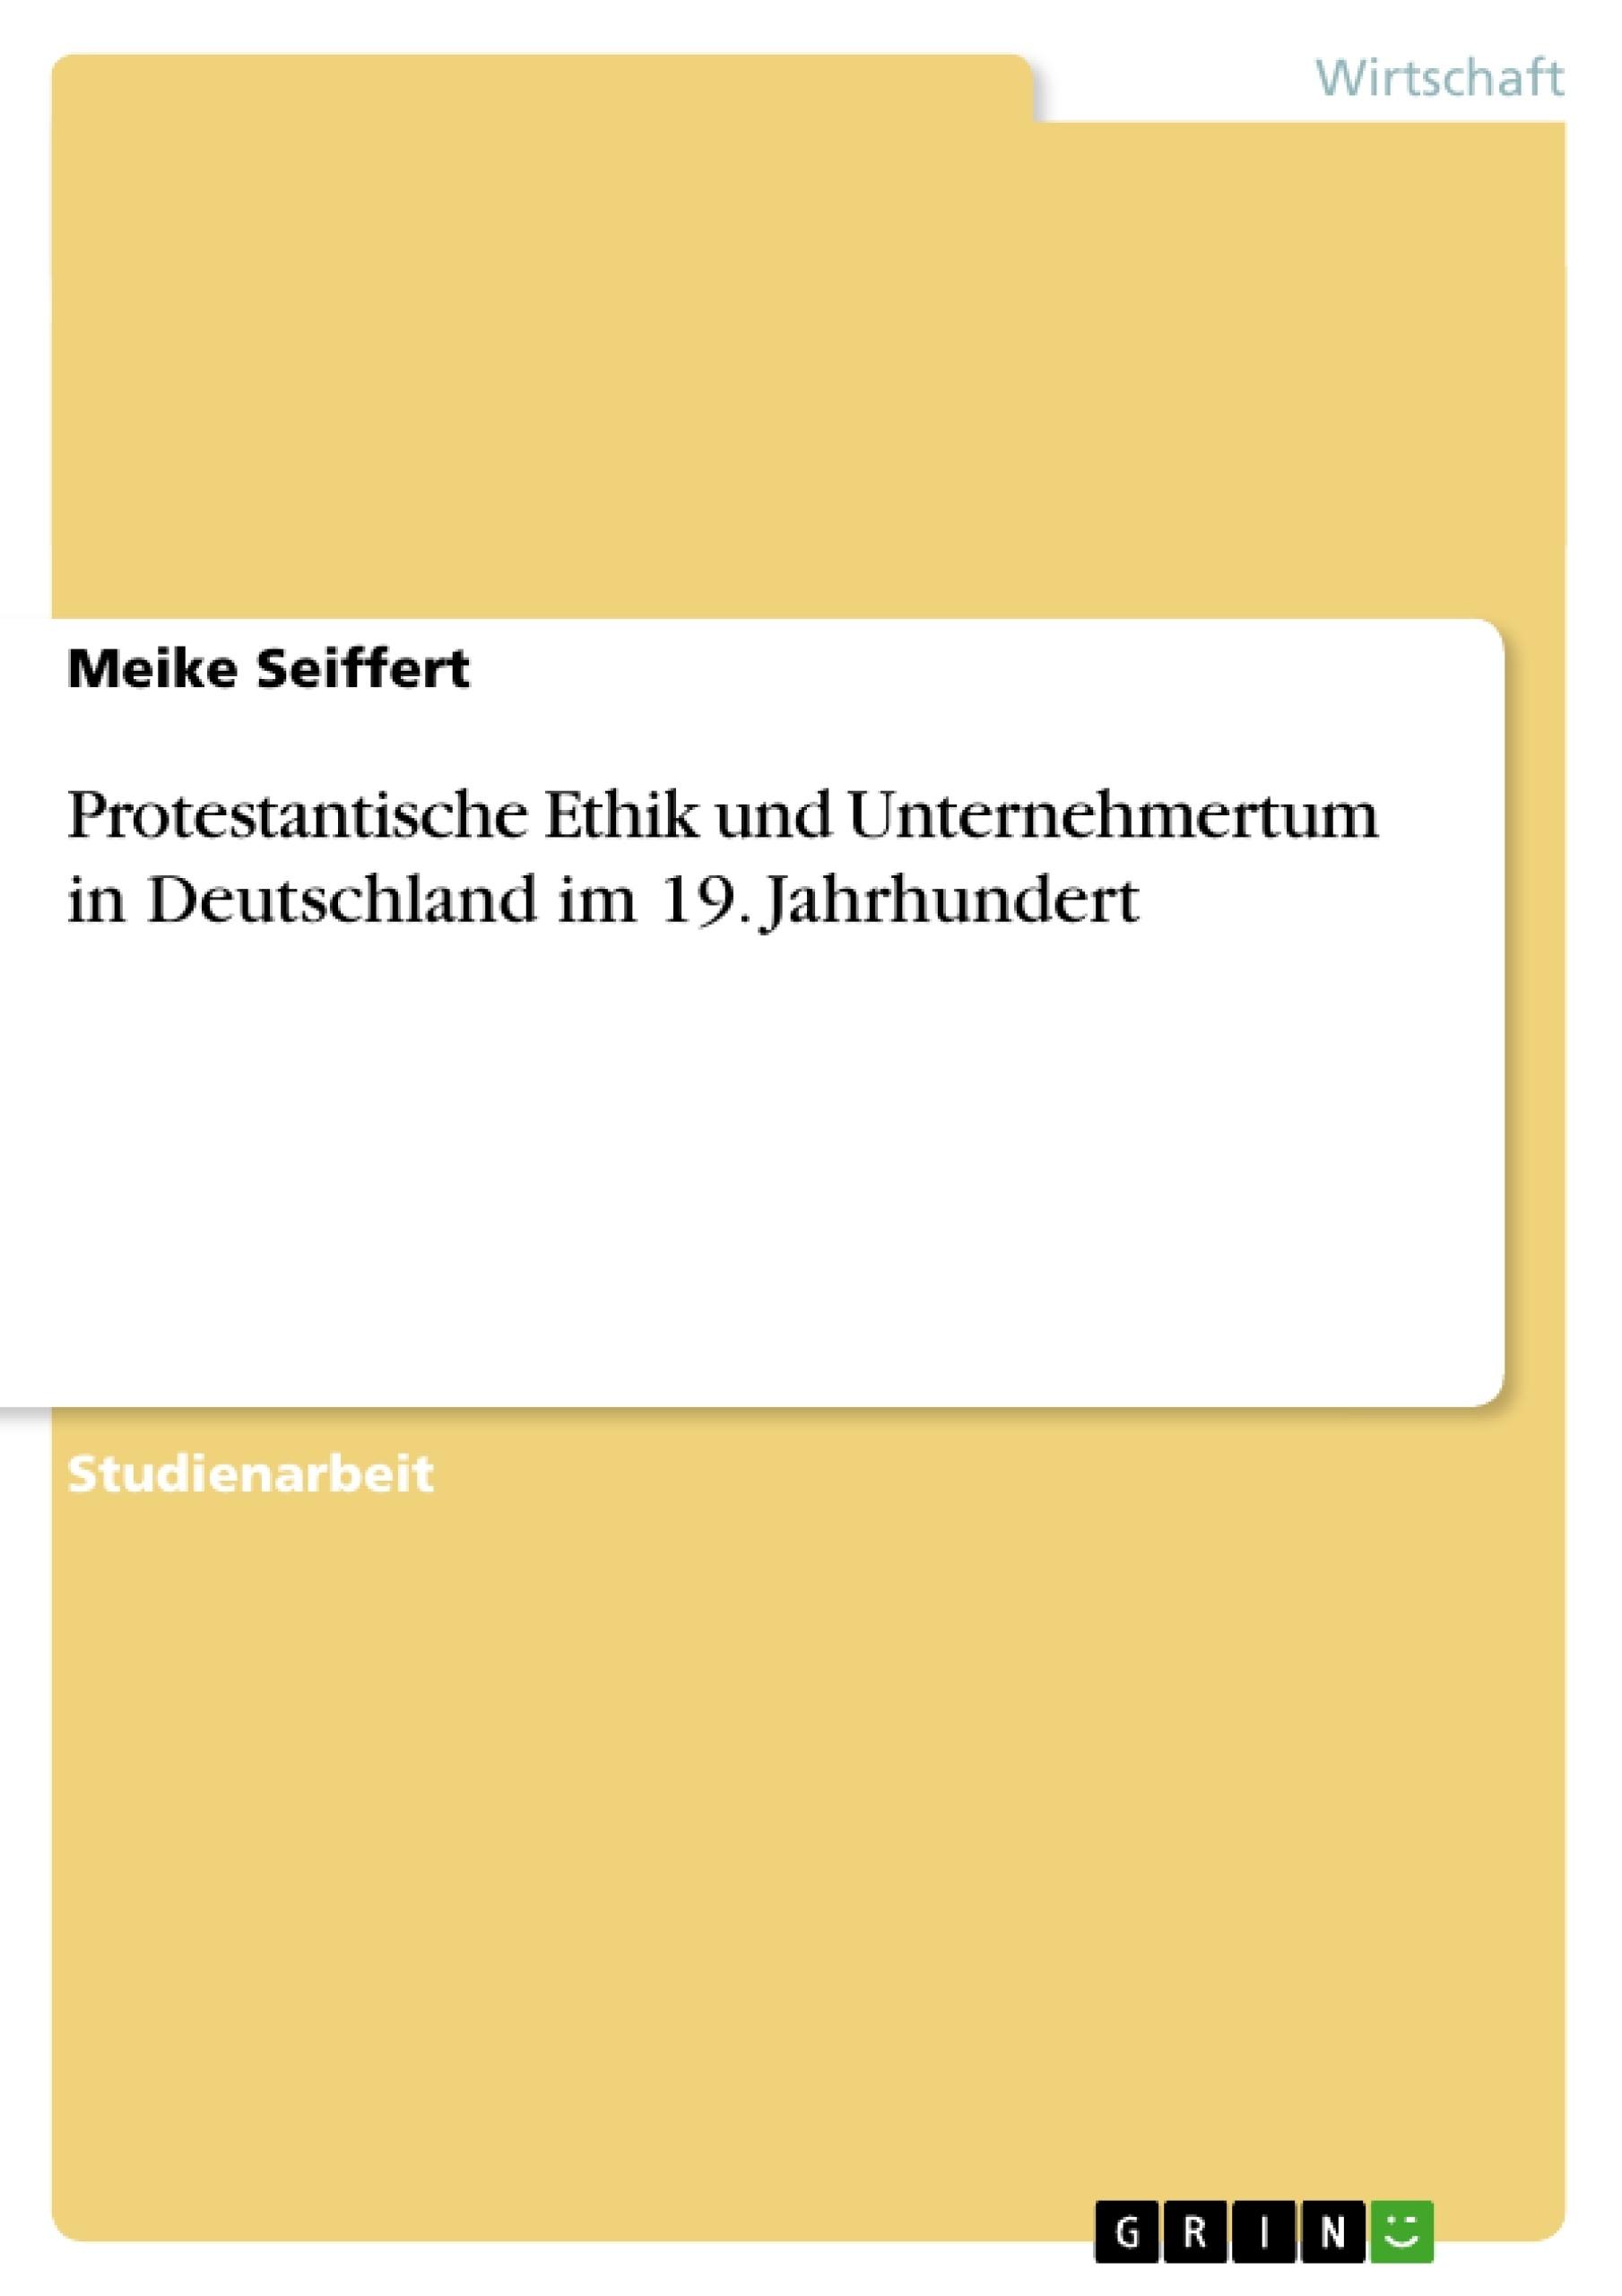 Titel: Protestantische Ethik und Unternehmertum in Deutschland im 19. Jahrhundert